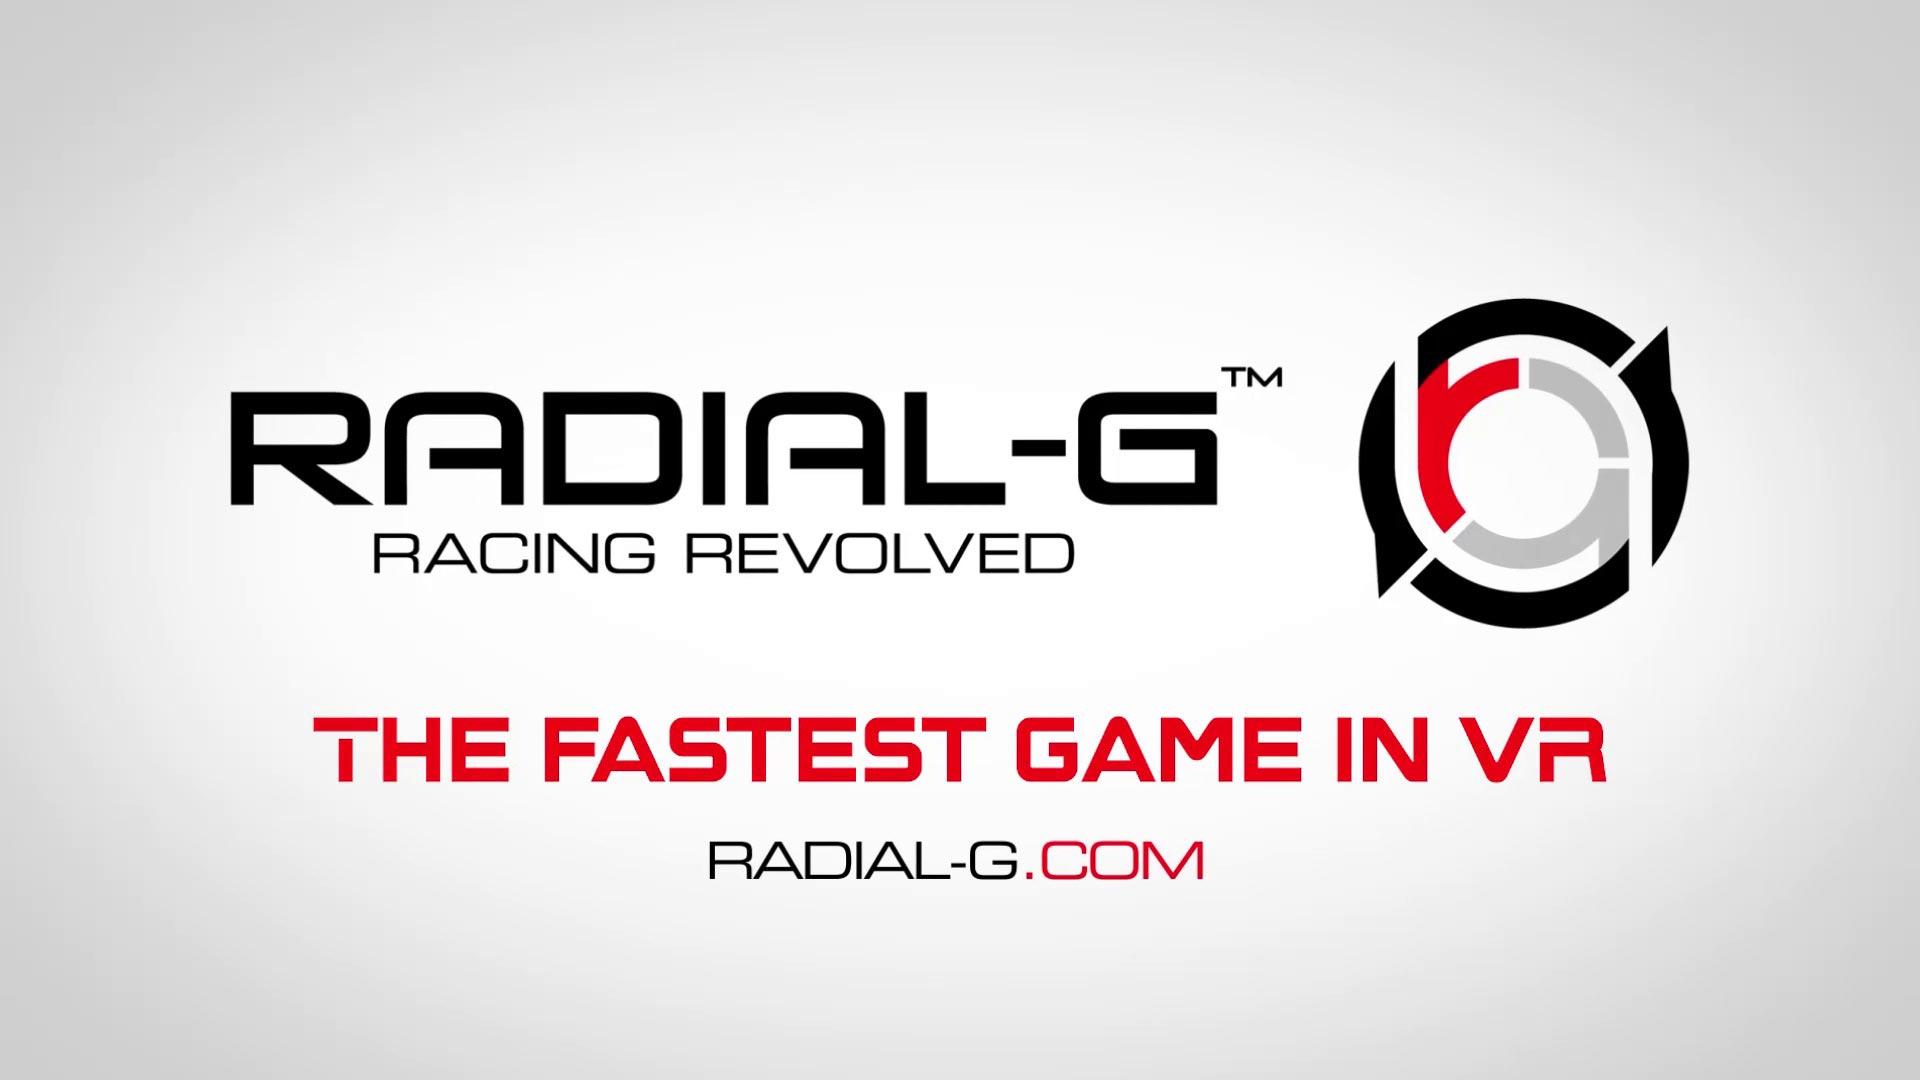 Radial-g VR